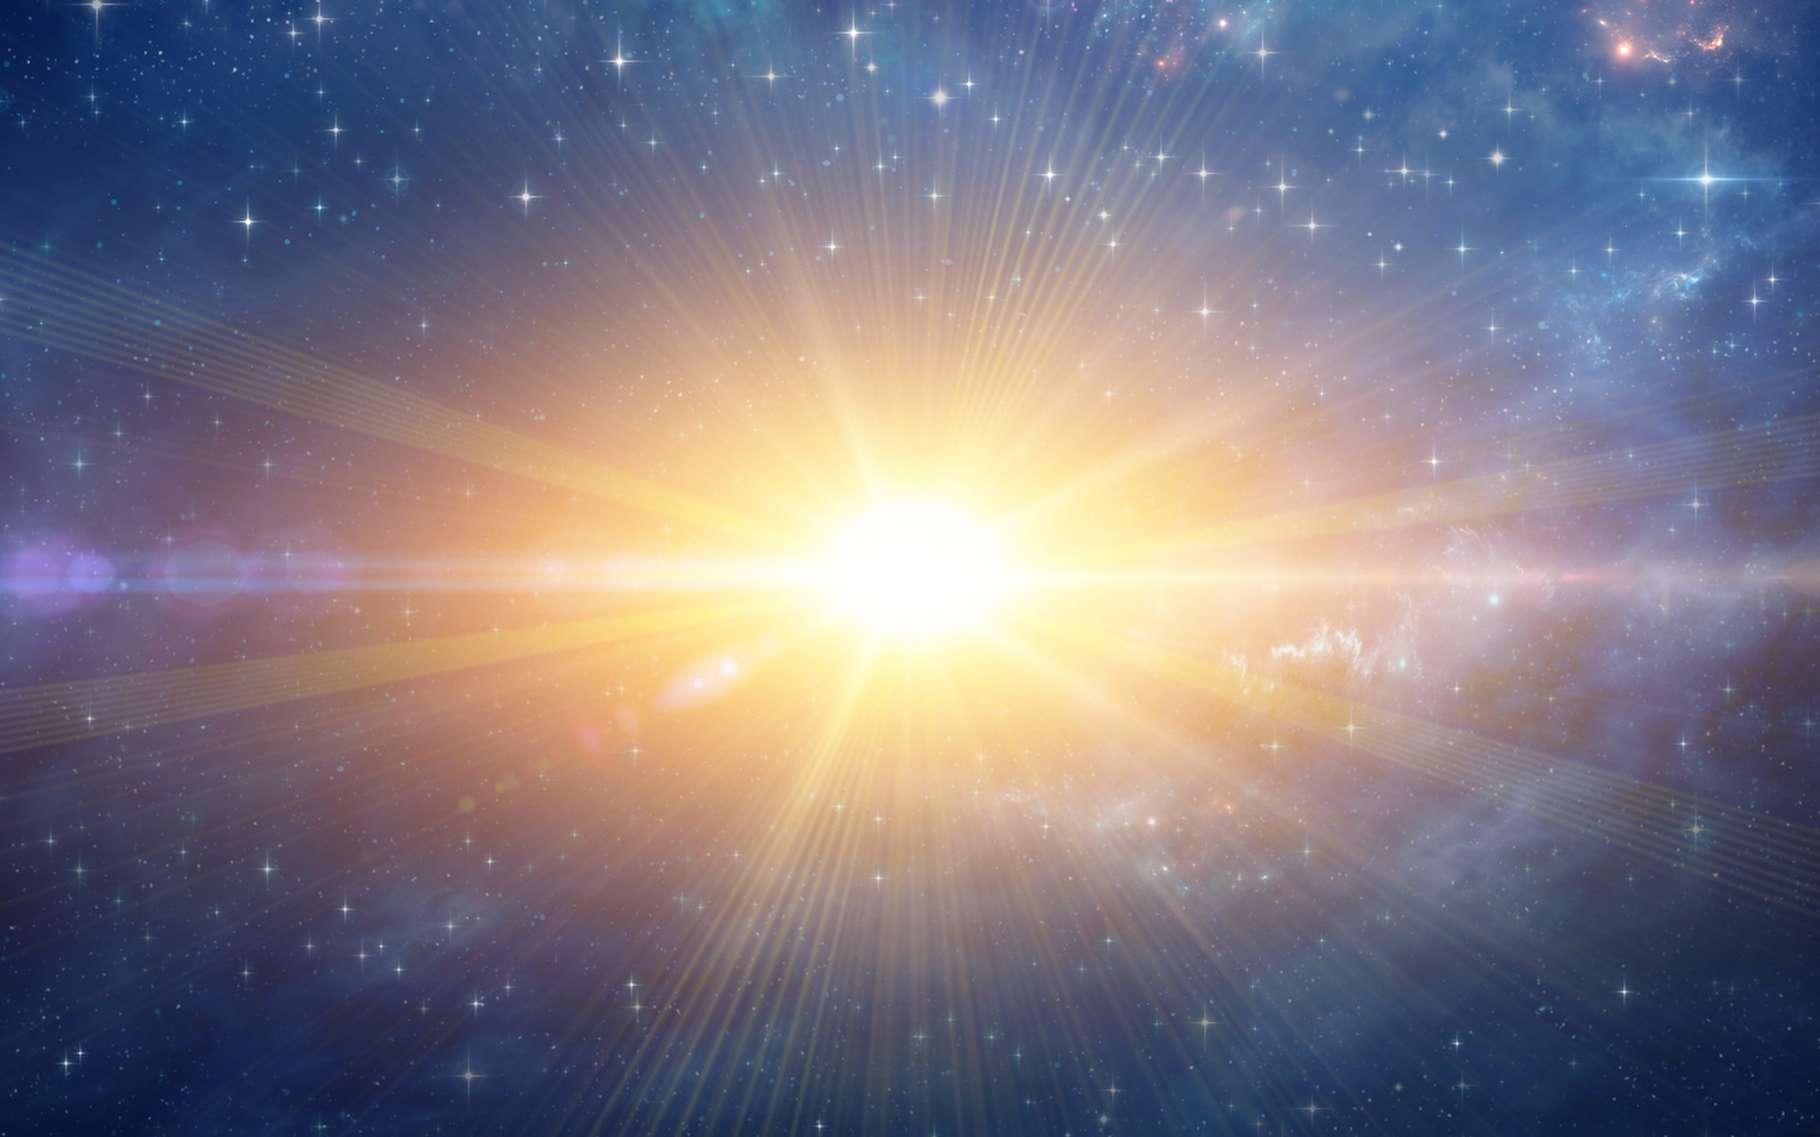 Des physiciens ont mis au jour le mécanisme qui semble présider à l'explosion des supernovae de type 1a. © mozZz, Adobe Stock